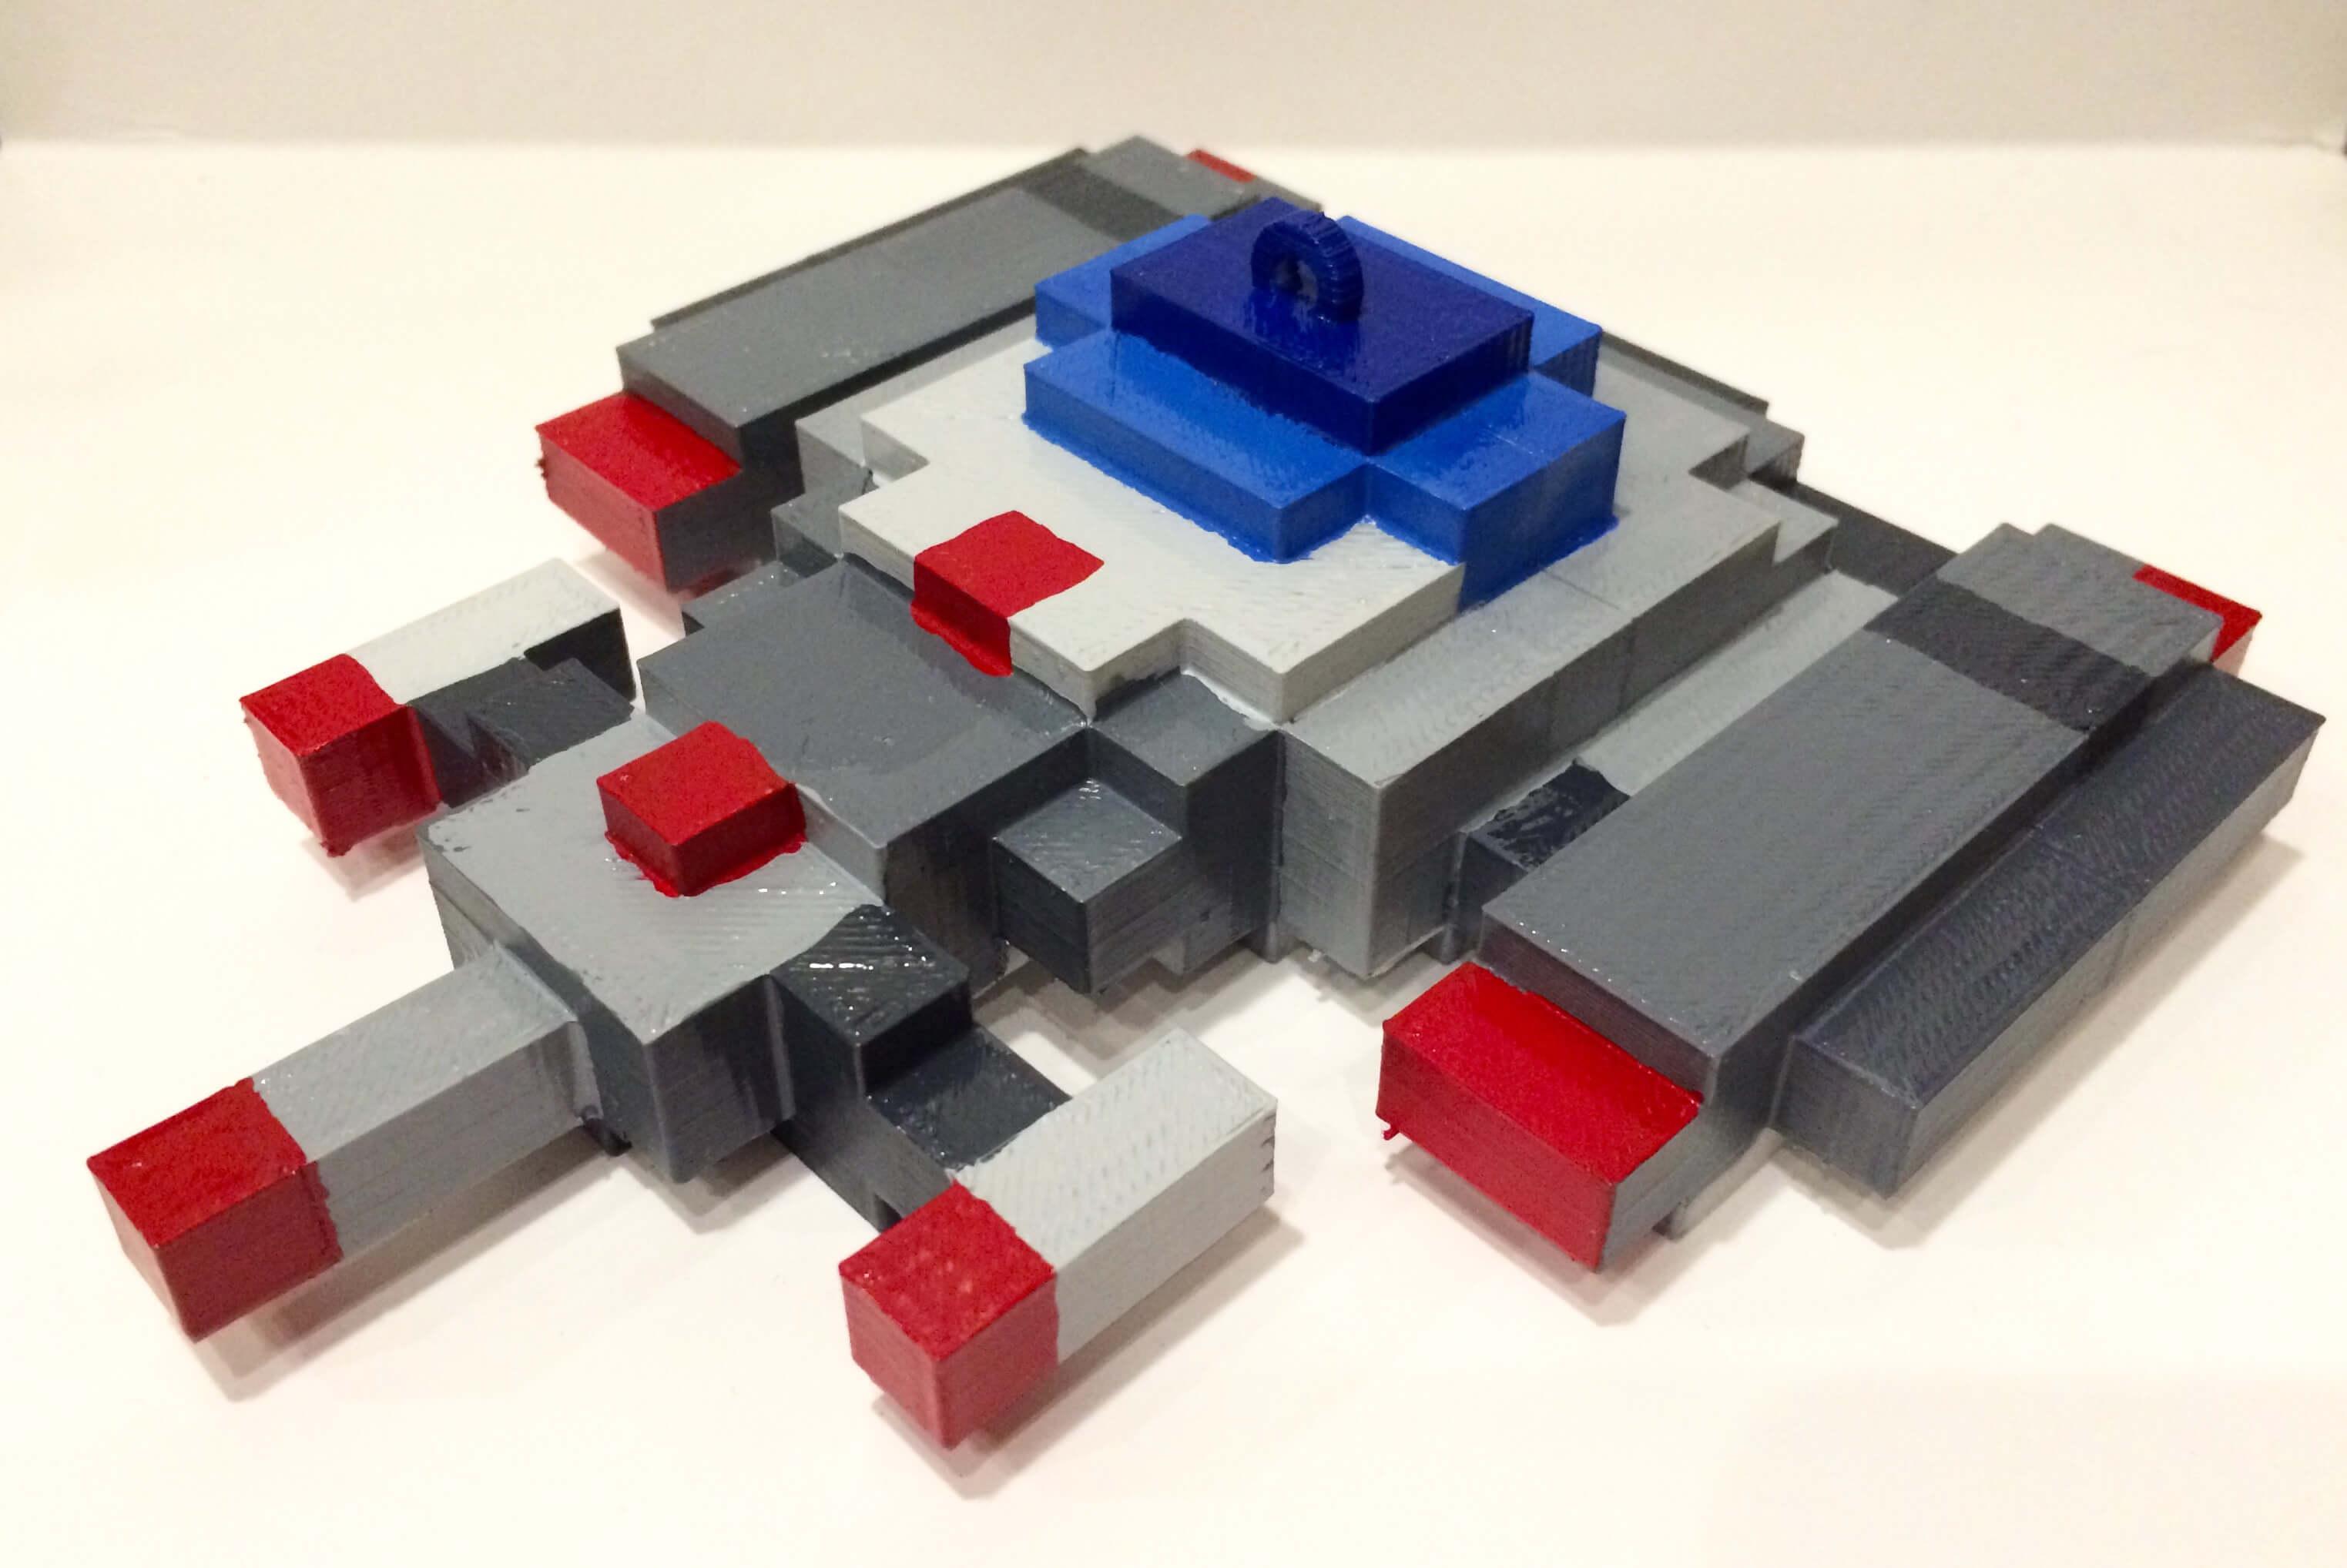 3D Printed Galaga 88 Ship